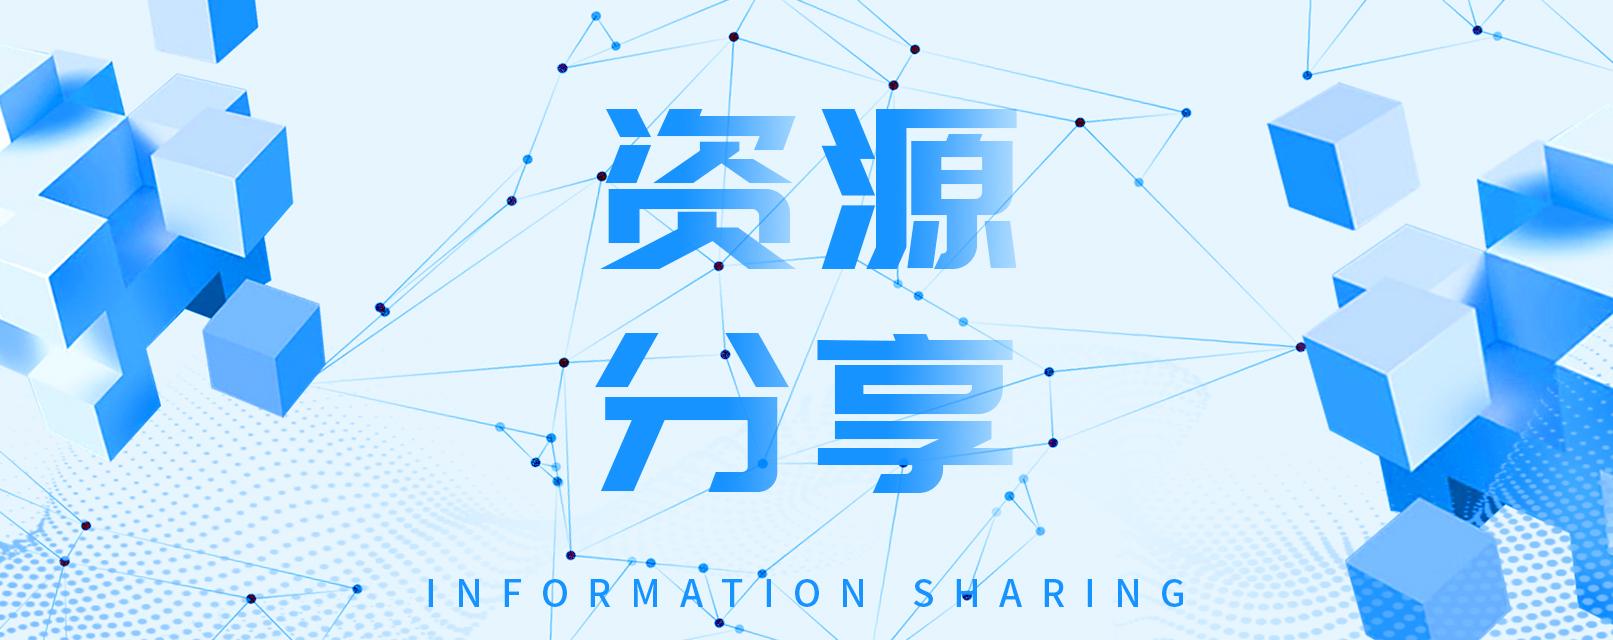 【资源分享】矢量编程(超多实用小工具哦)